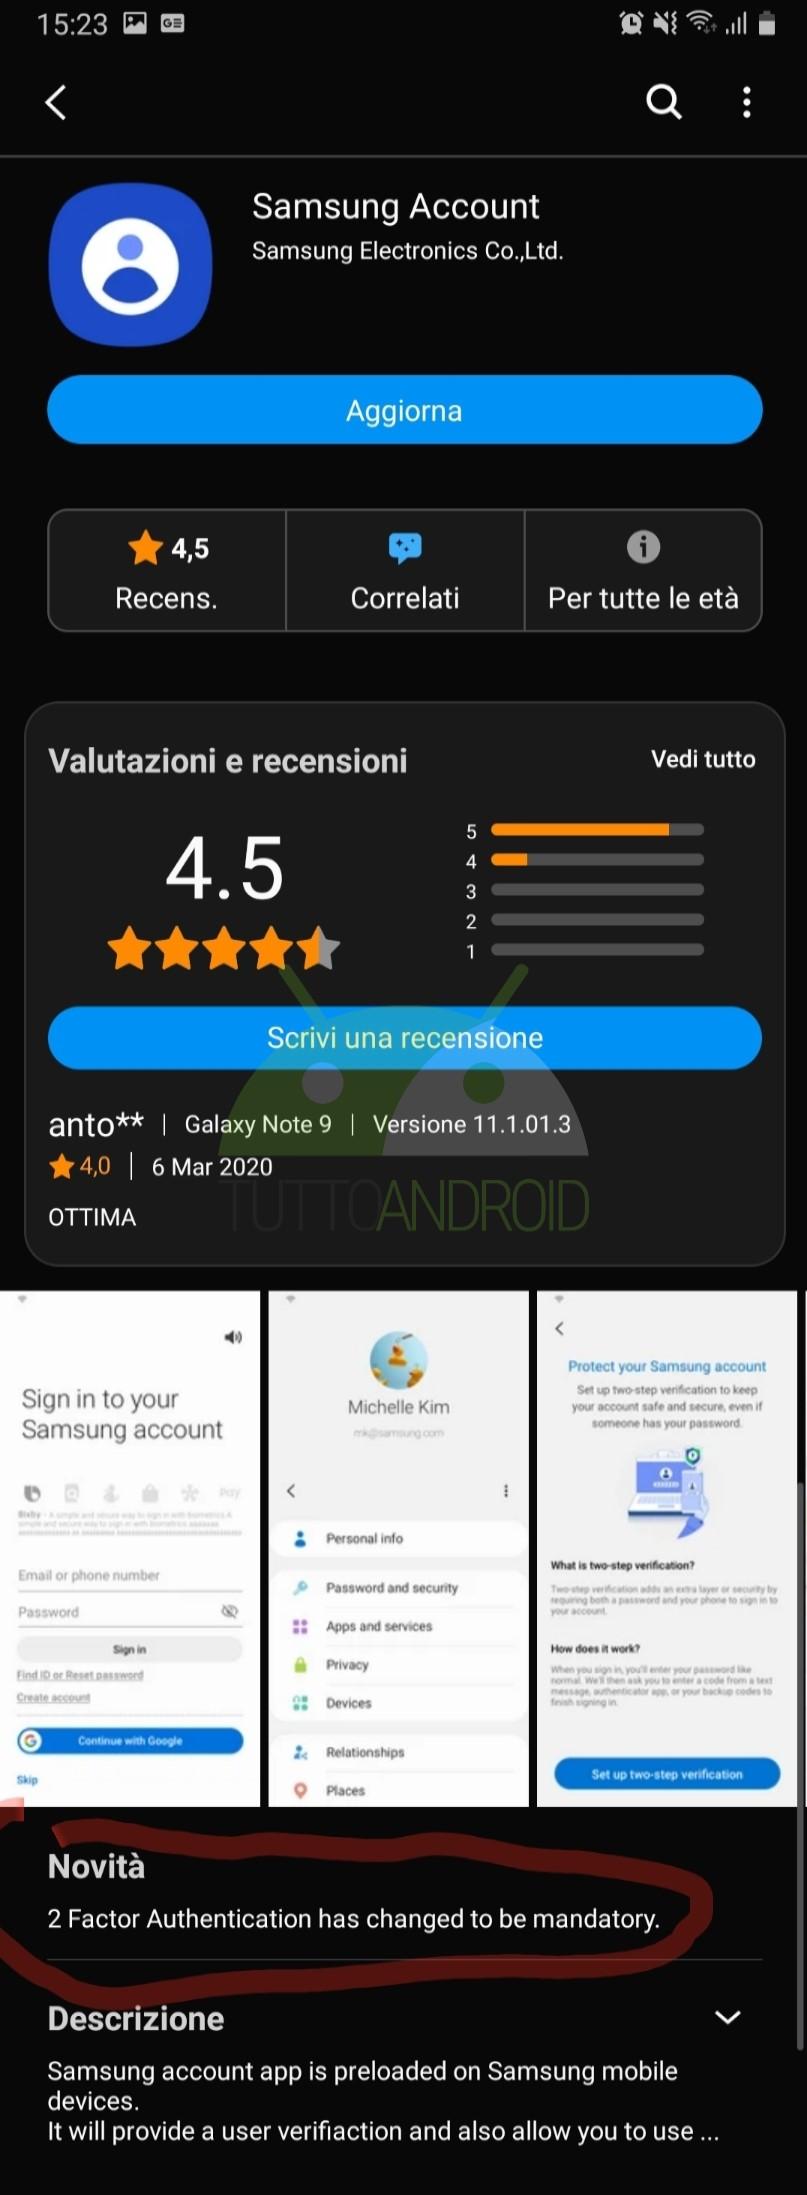 Samsung Account autenticazione a due fattori